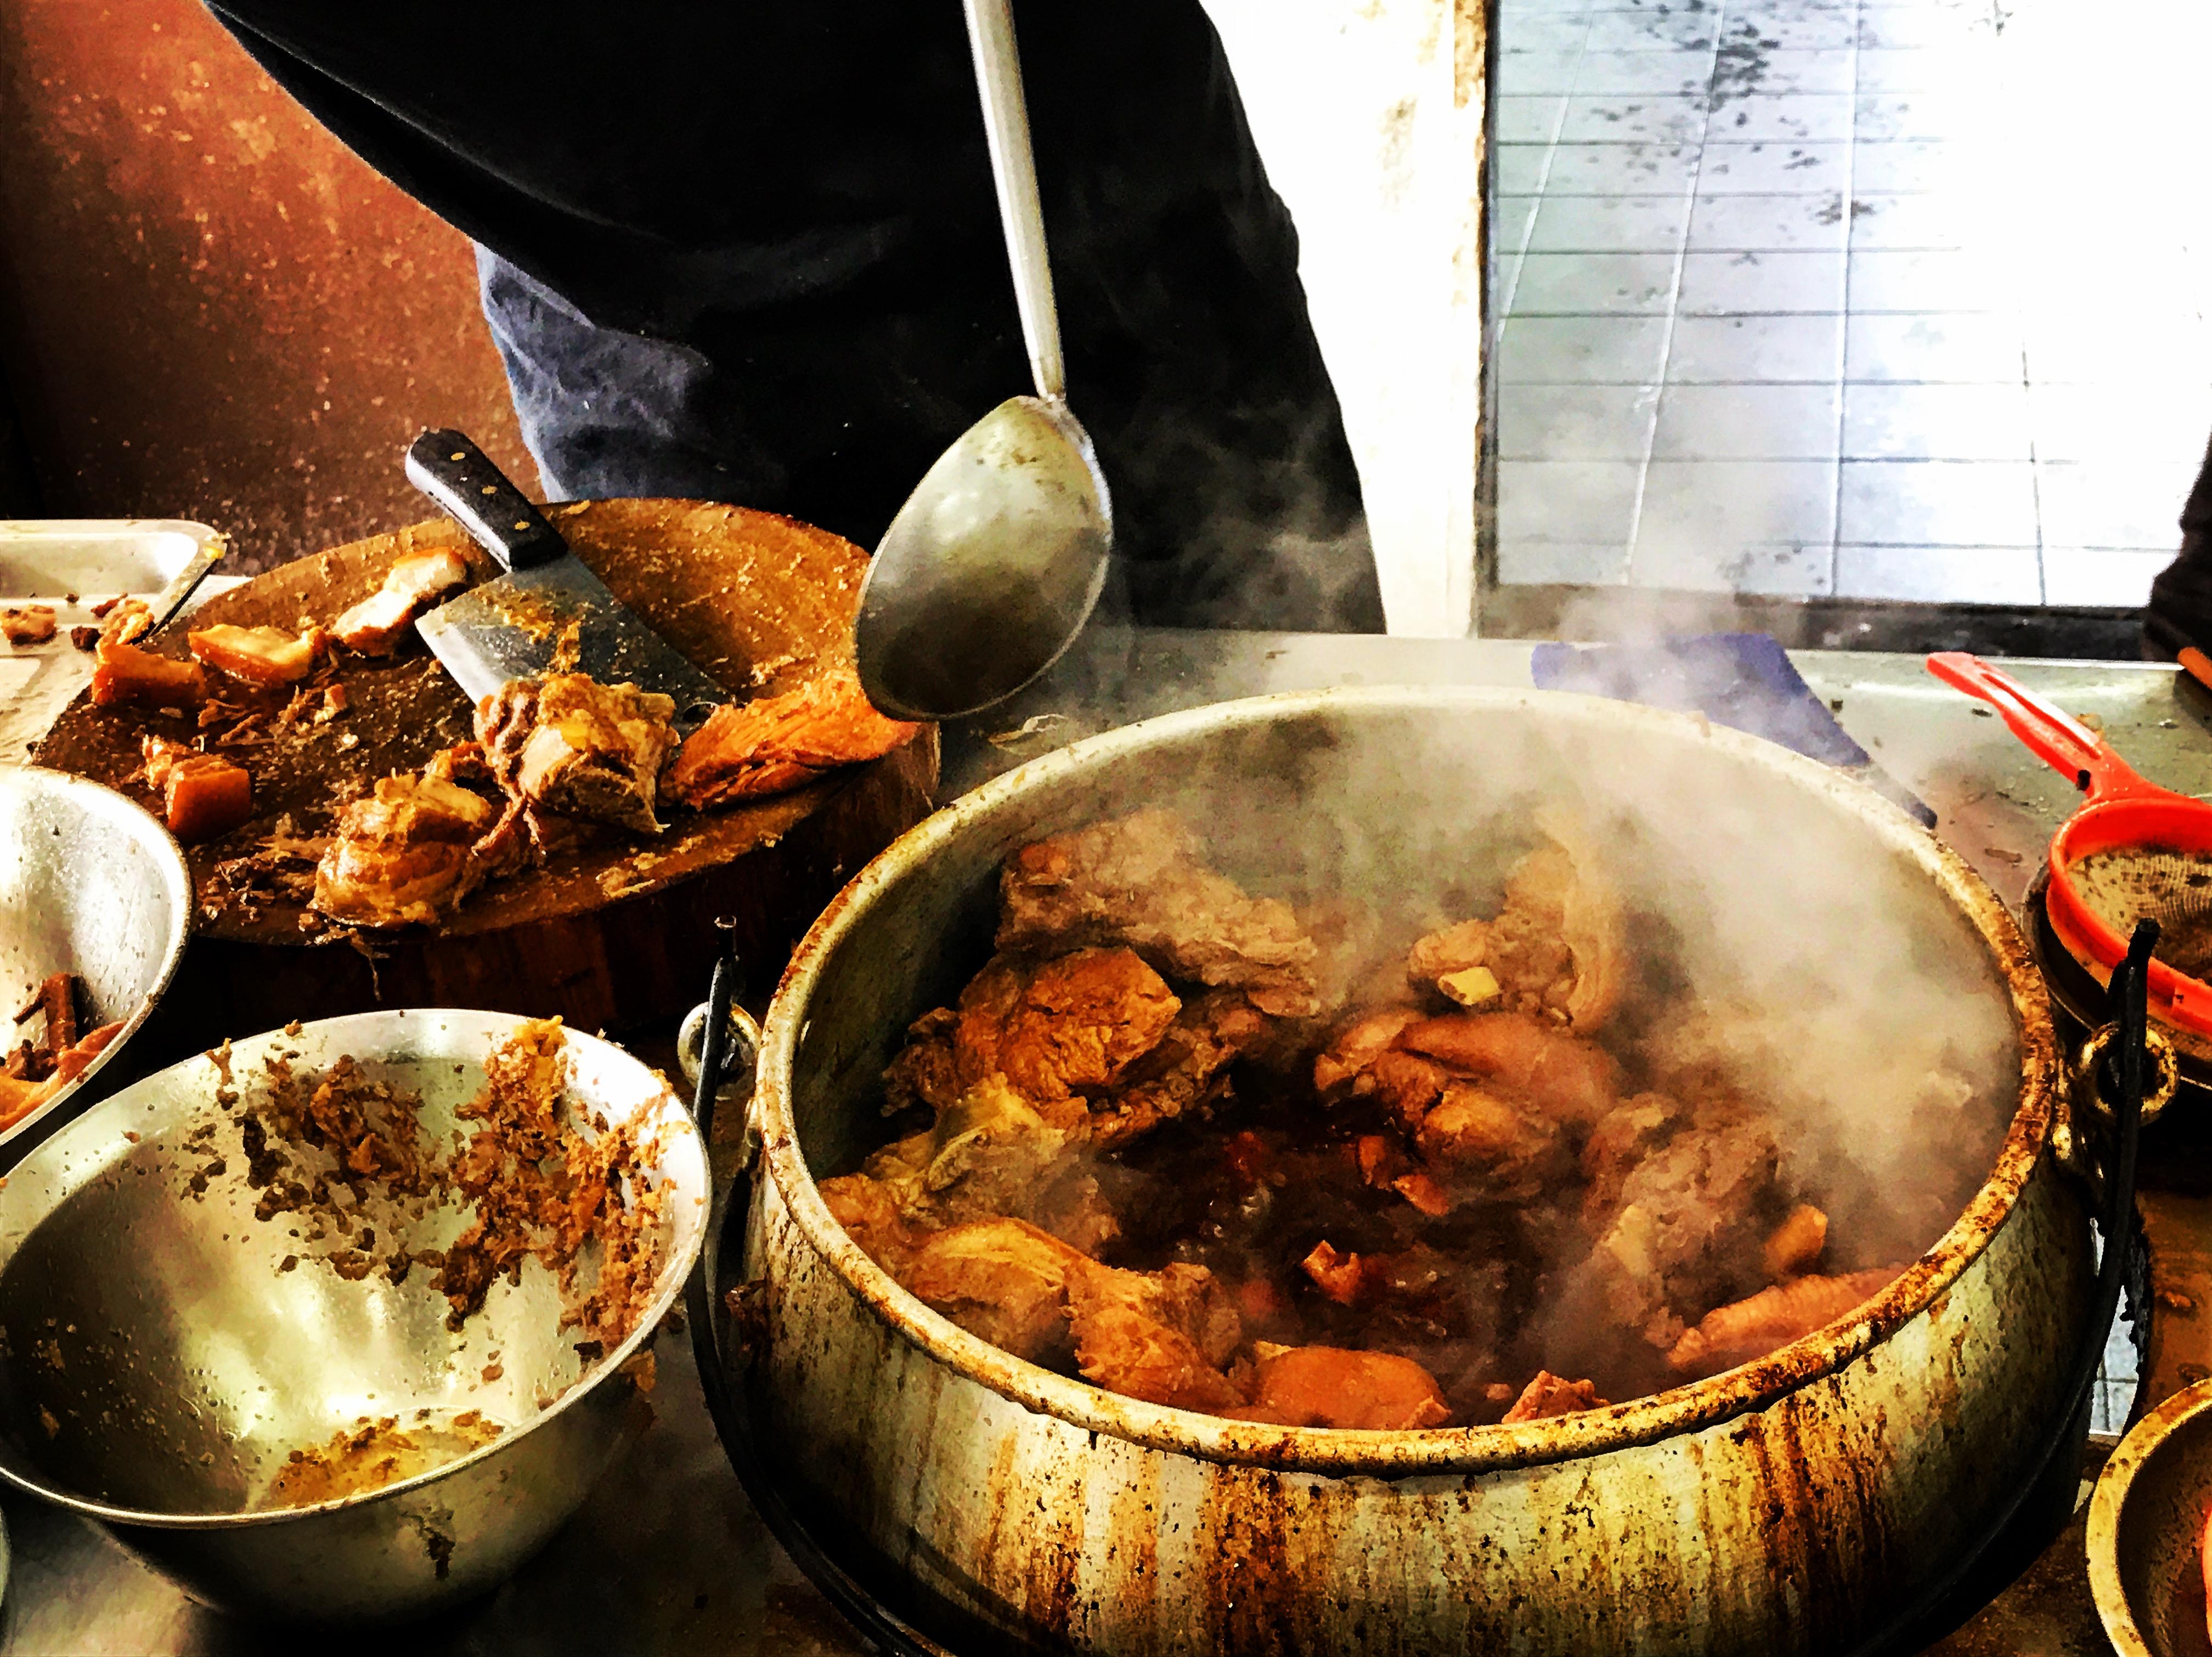 巴生肉骨茶也是新春美食之一 丁正写意 图